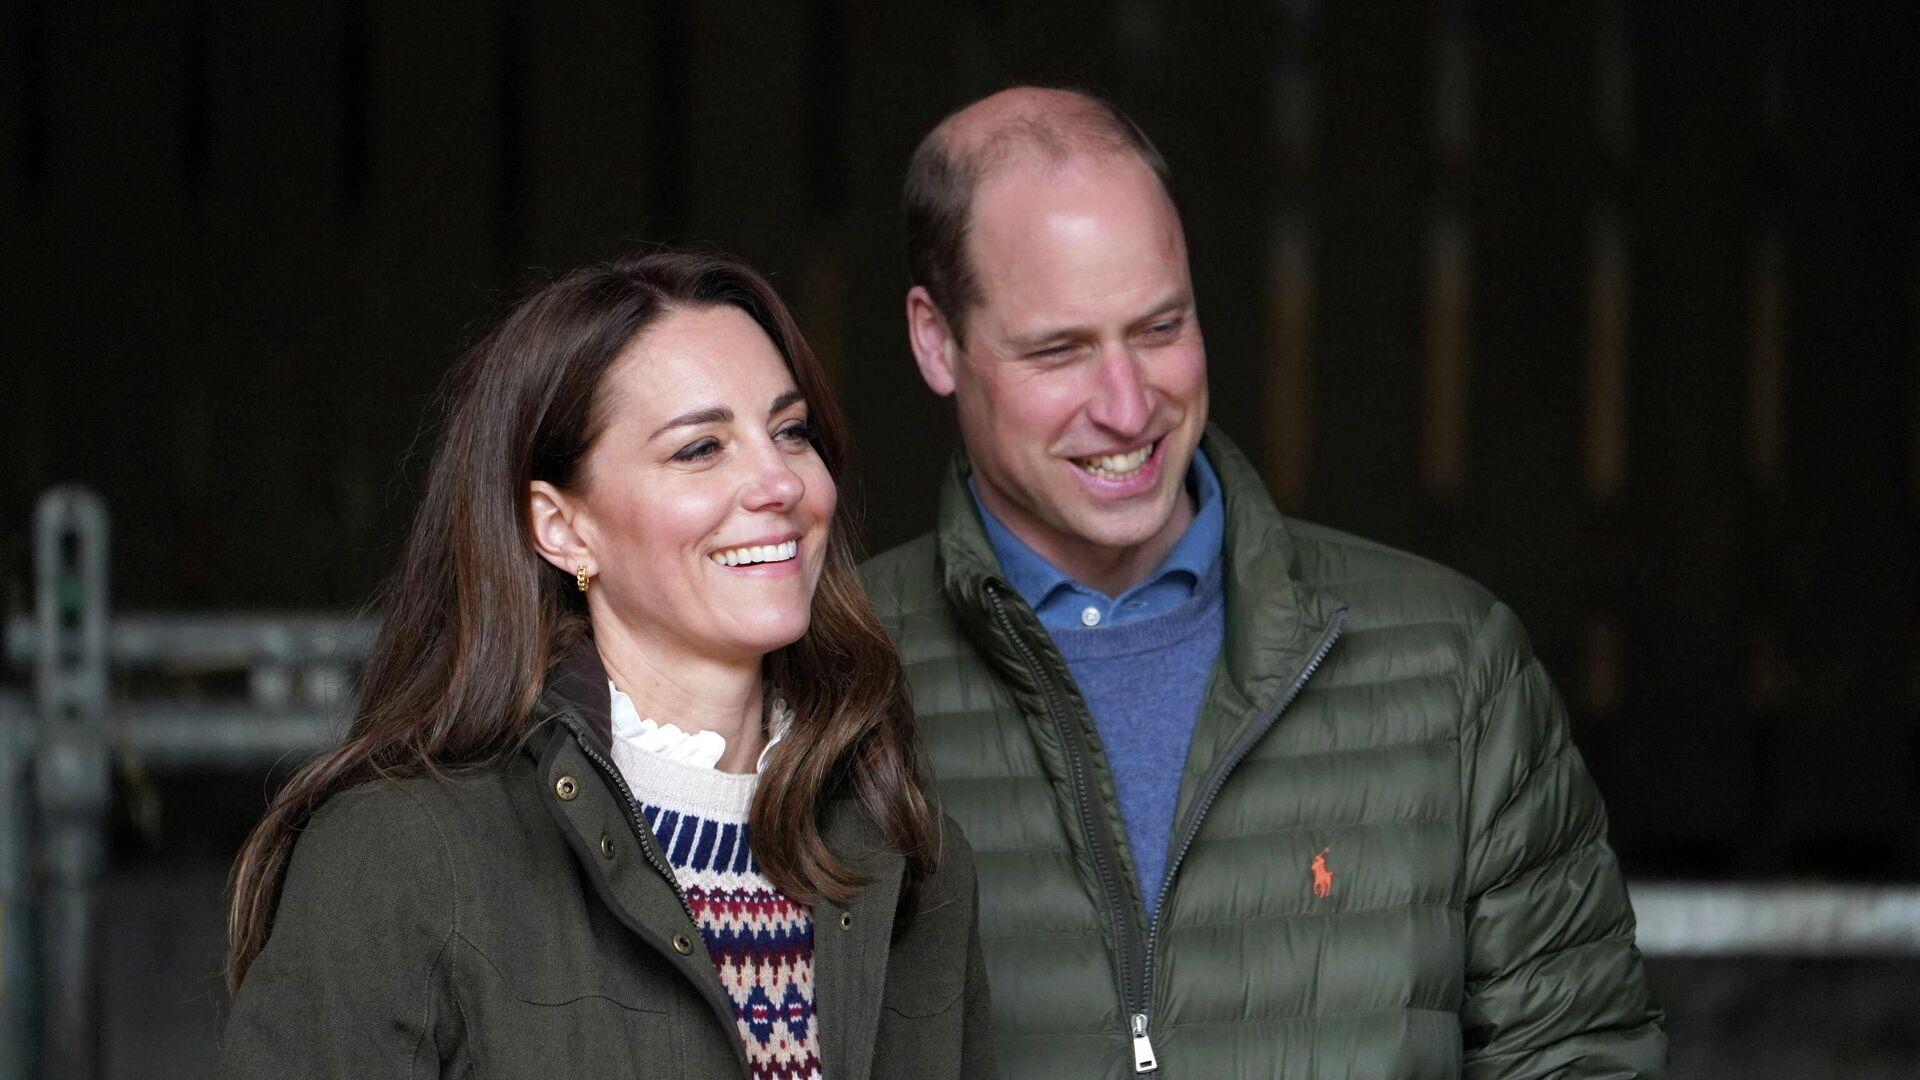 El príncipe William y su esposa, Kate Middleton - Sputnik Mundo, 1920, 02.05.2021